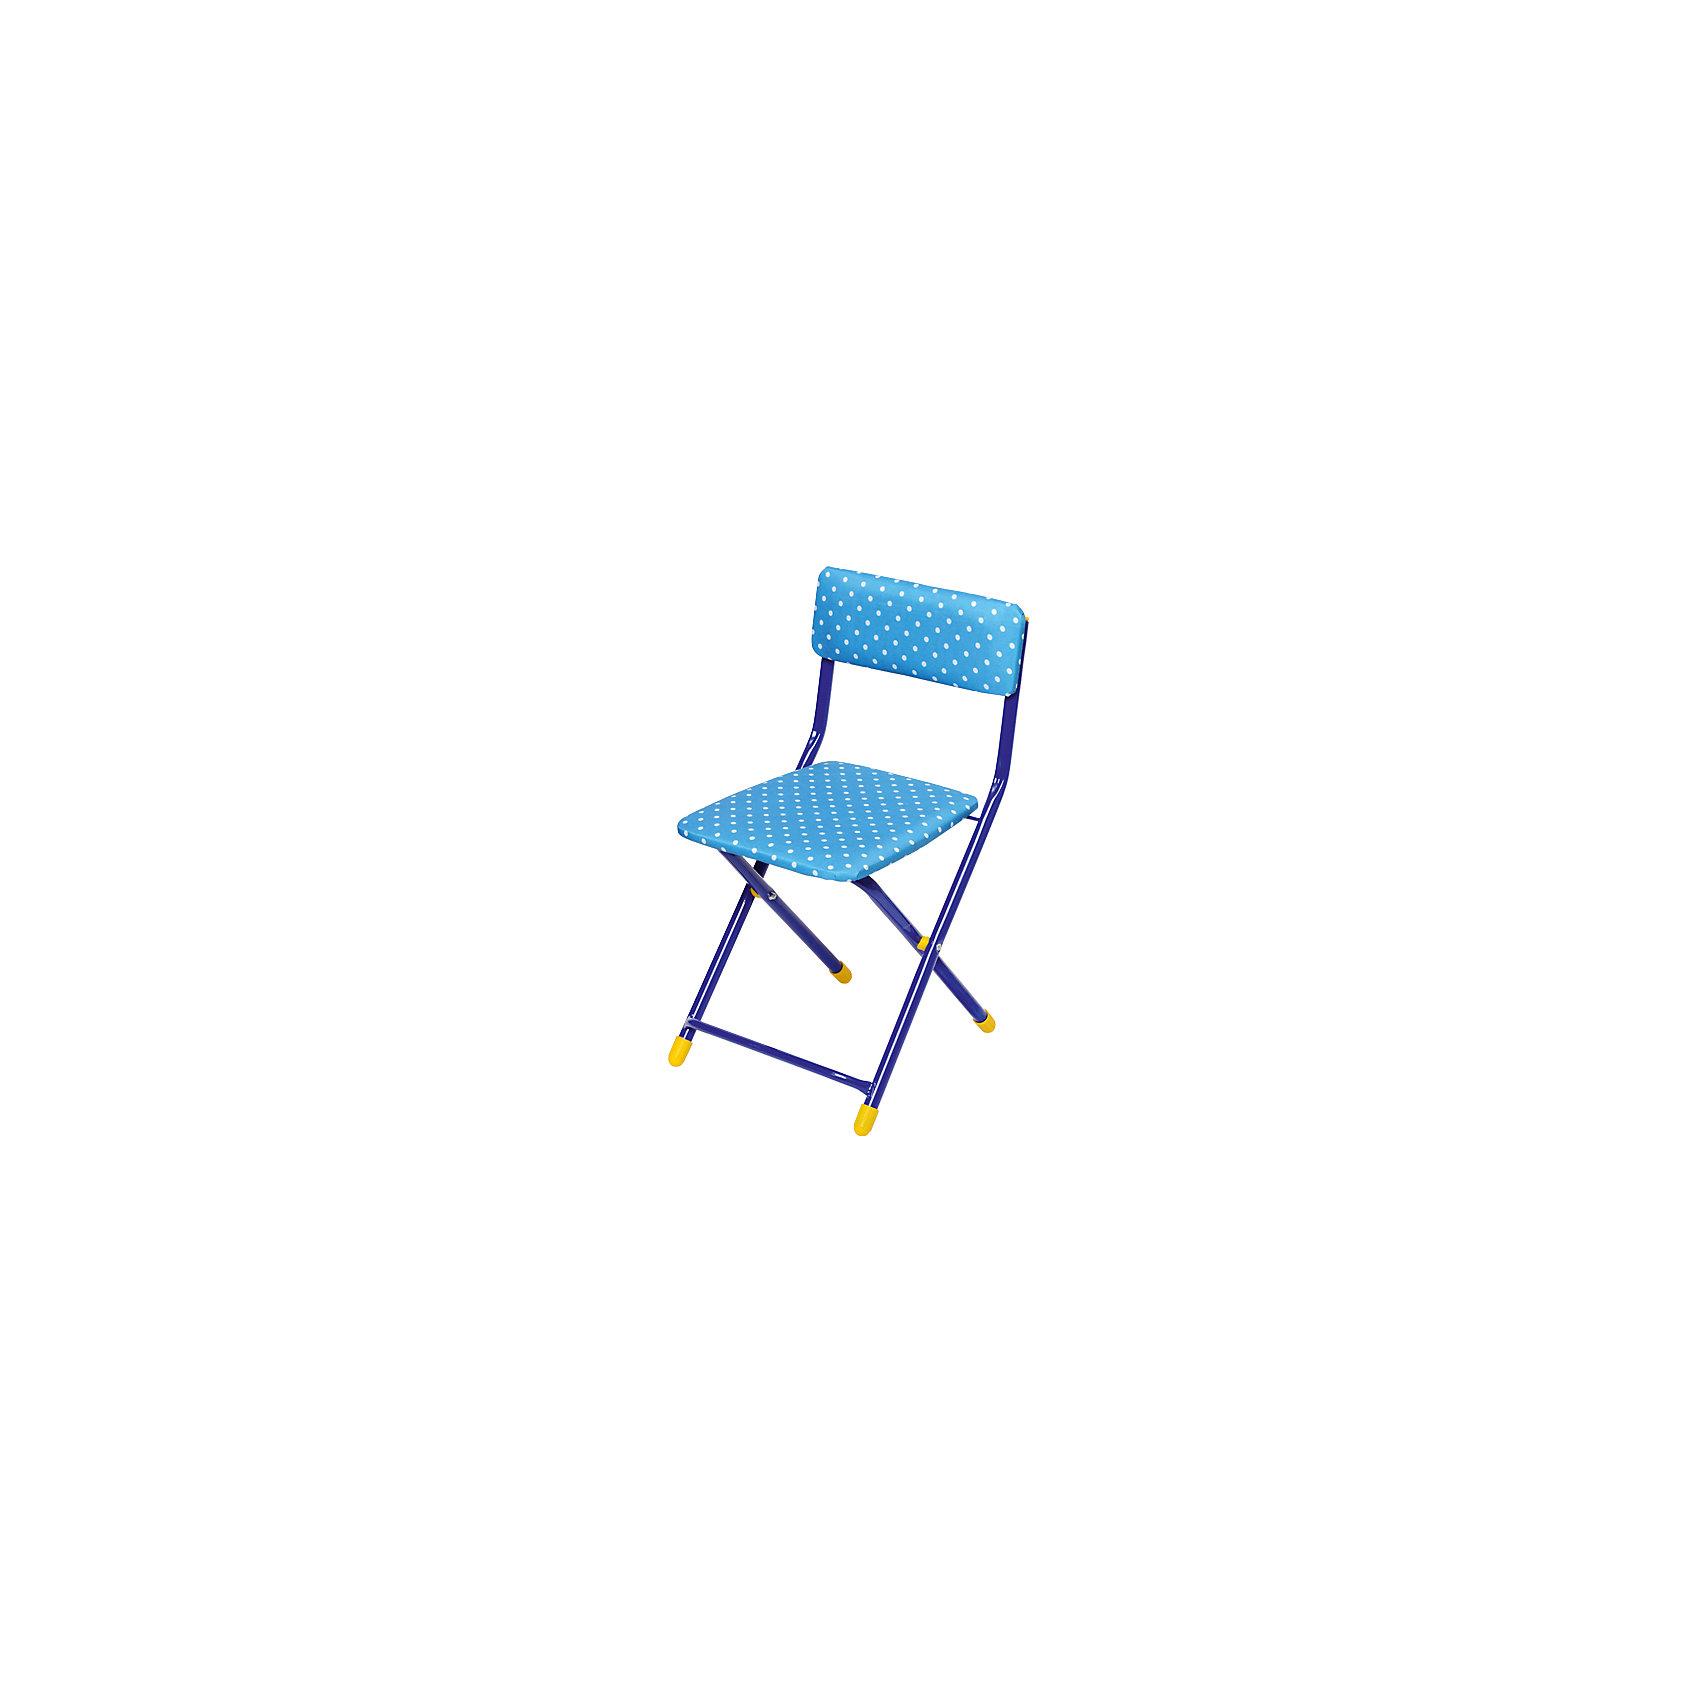 Складной стул СТУ3 «Горошек», Ника, синий  купить детский комод с пеленальным столиком недорого